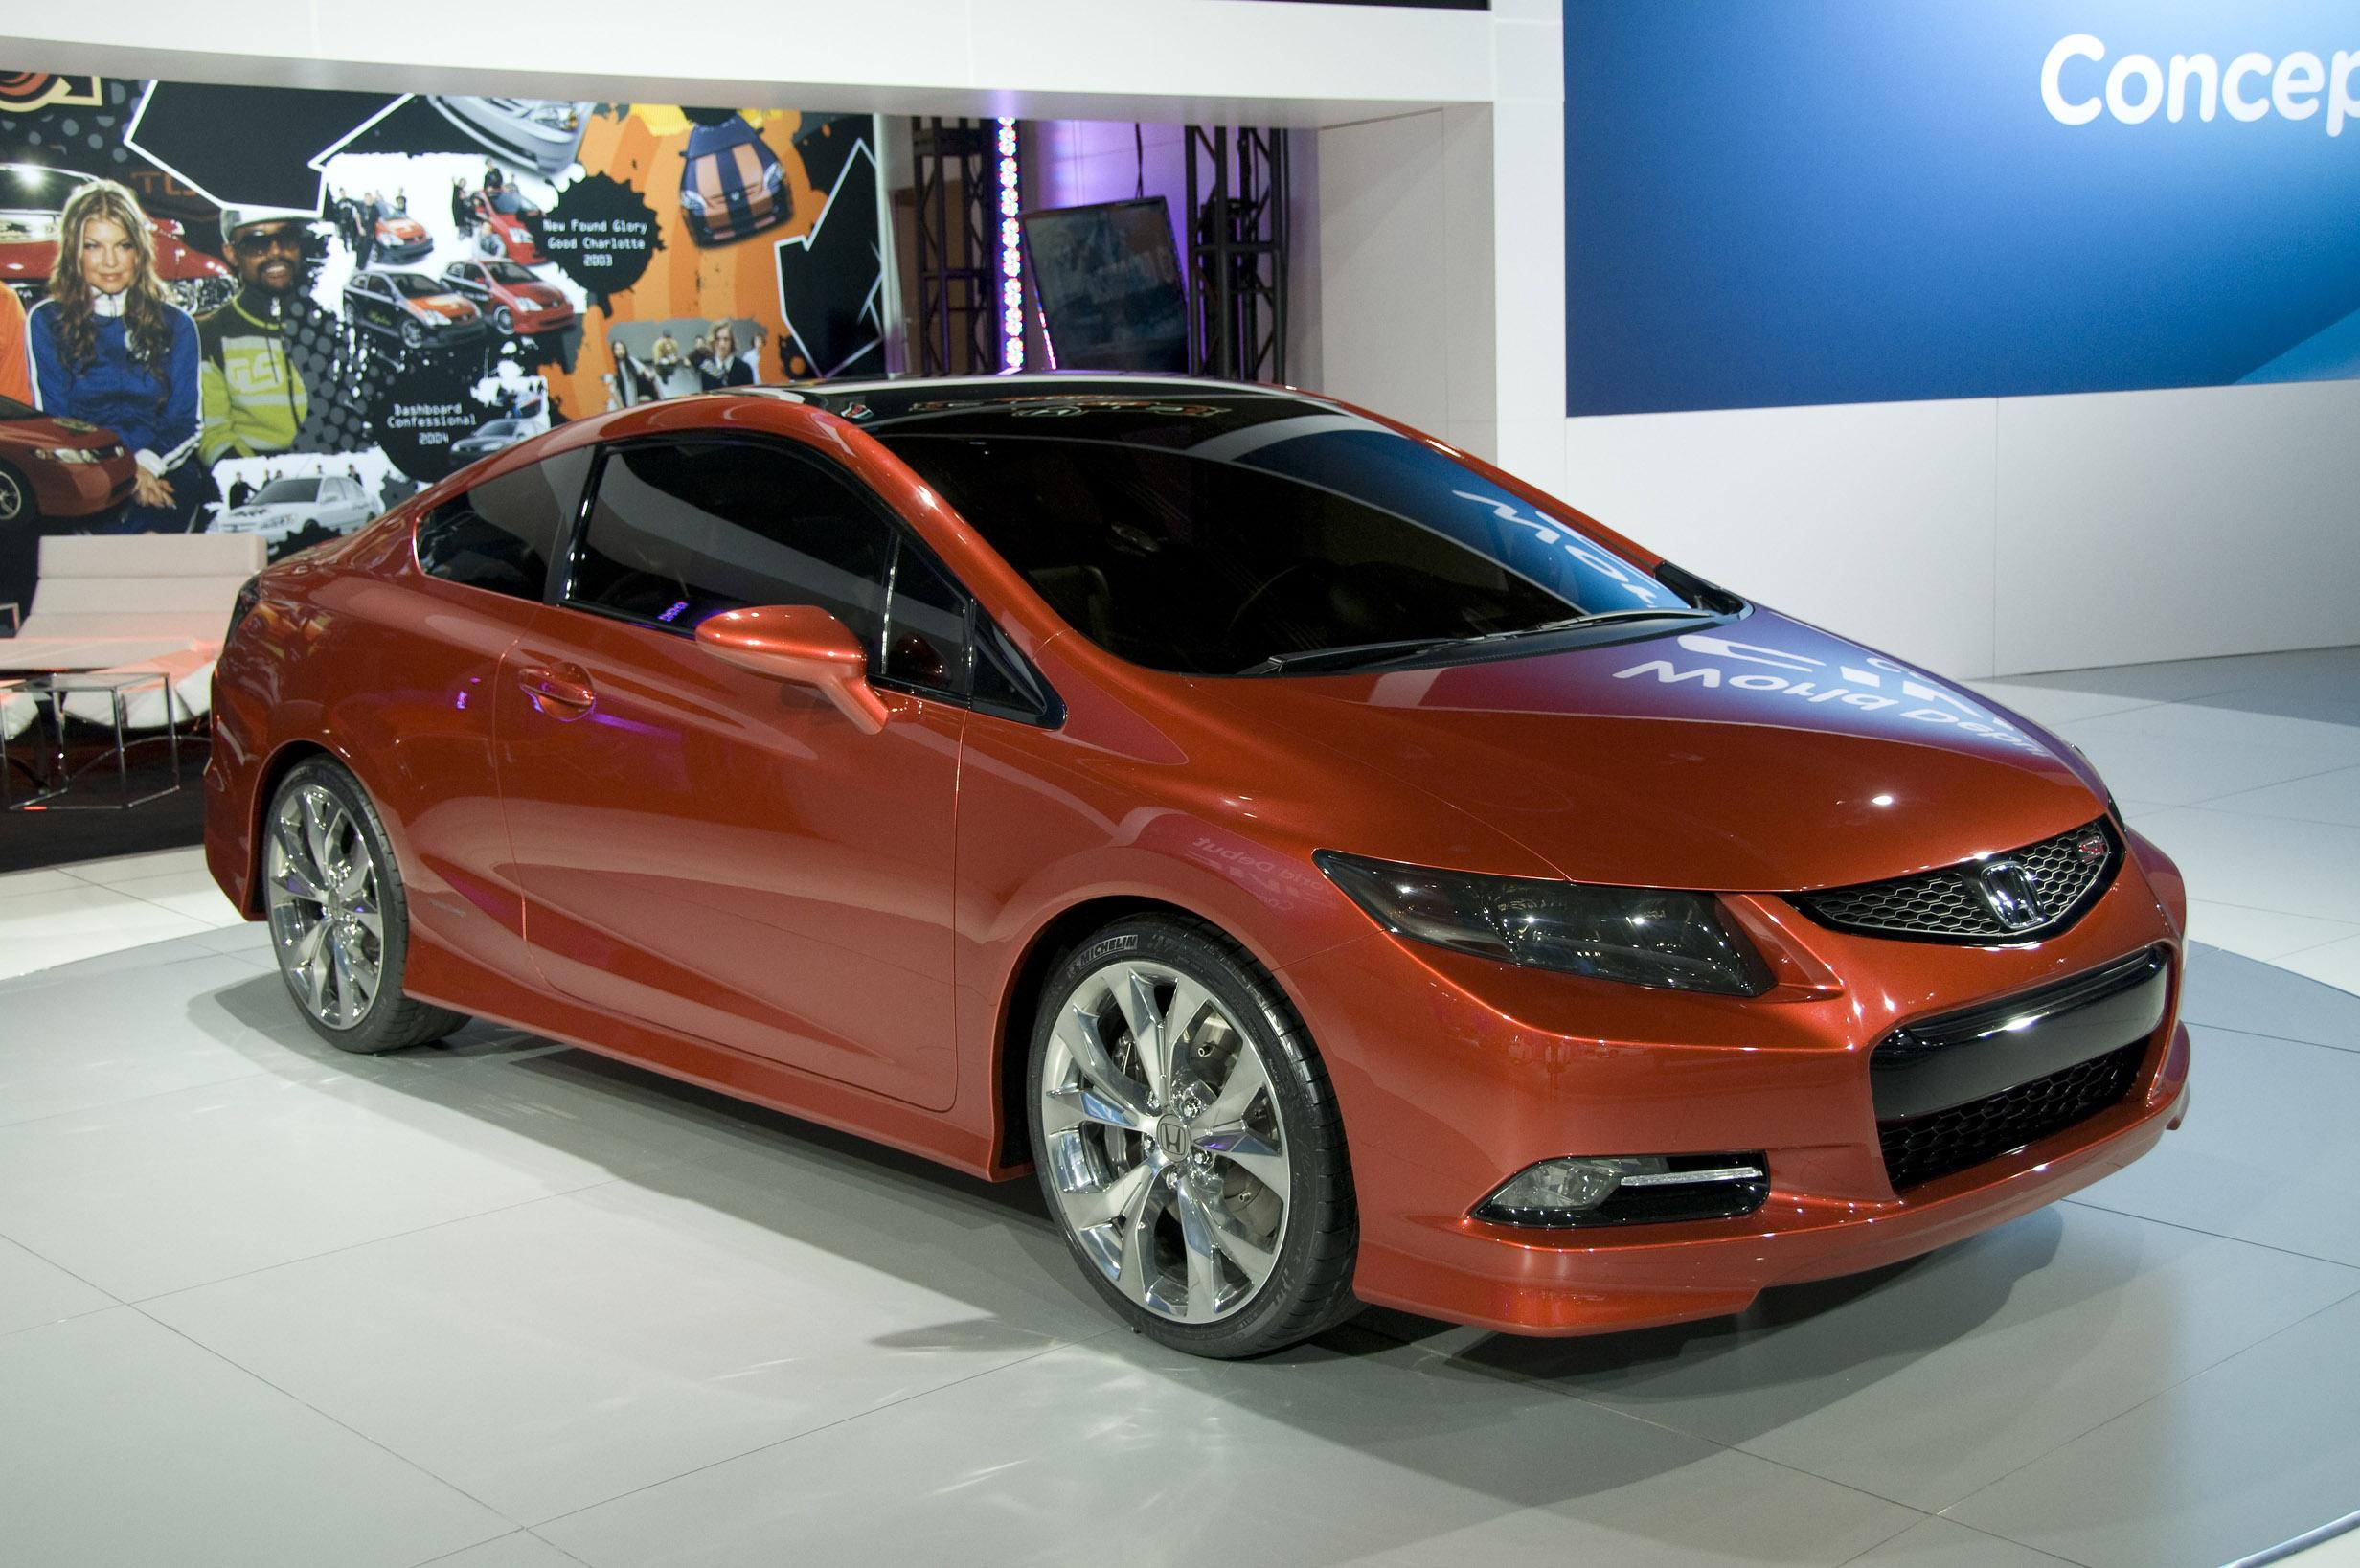 Honda Civic Coupe Concept Detroit 2011 Picture 47296